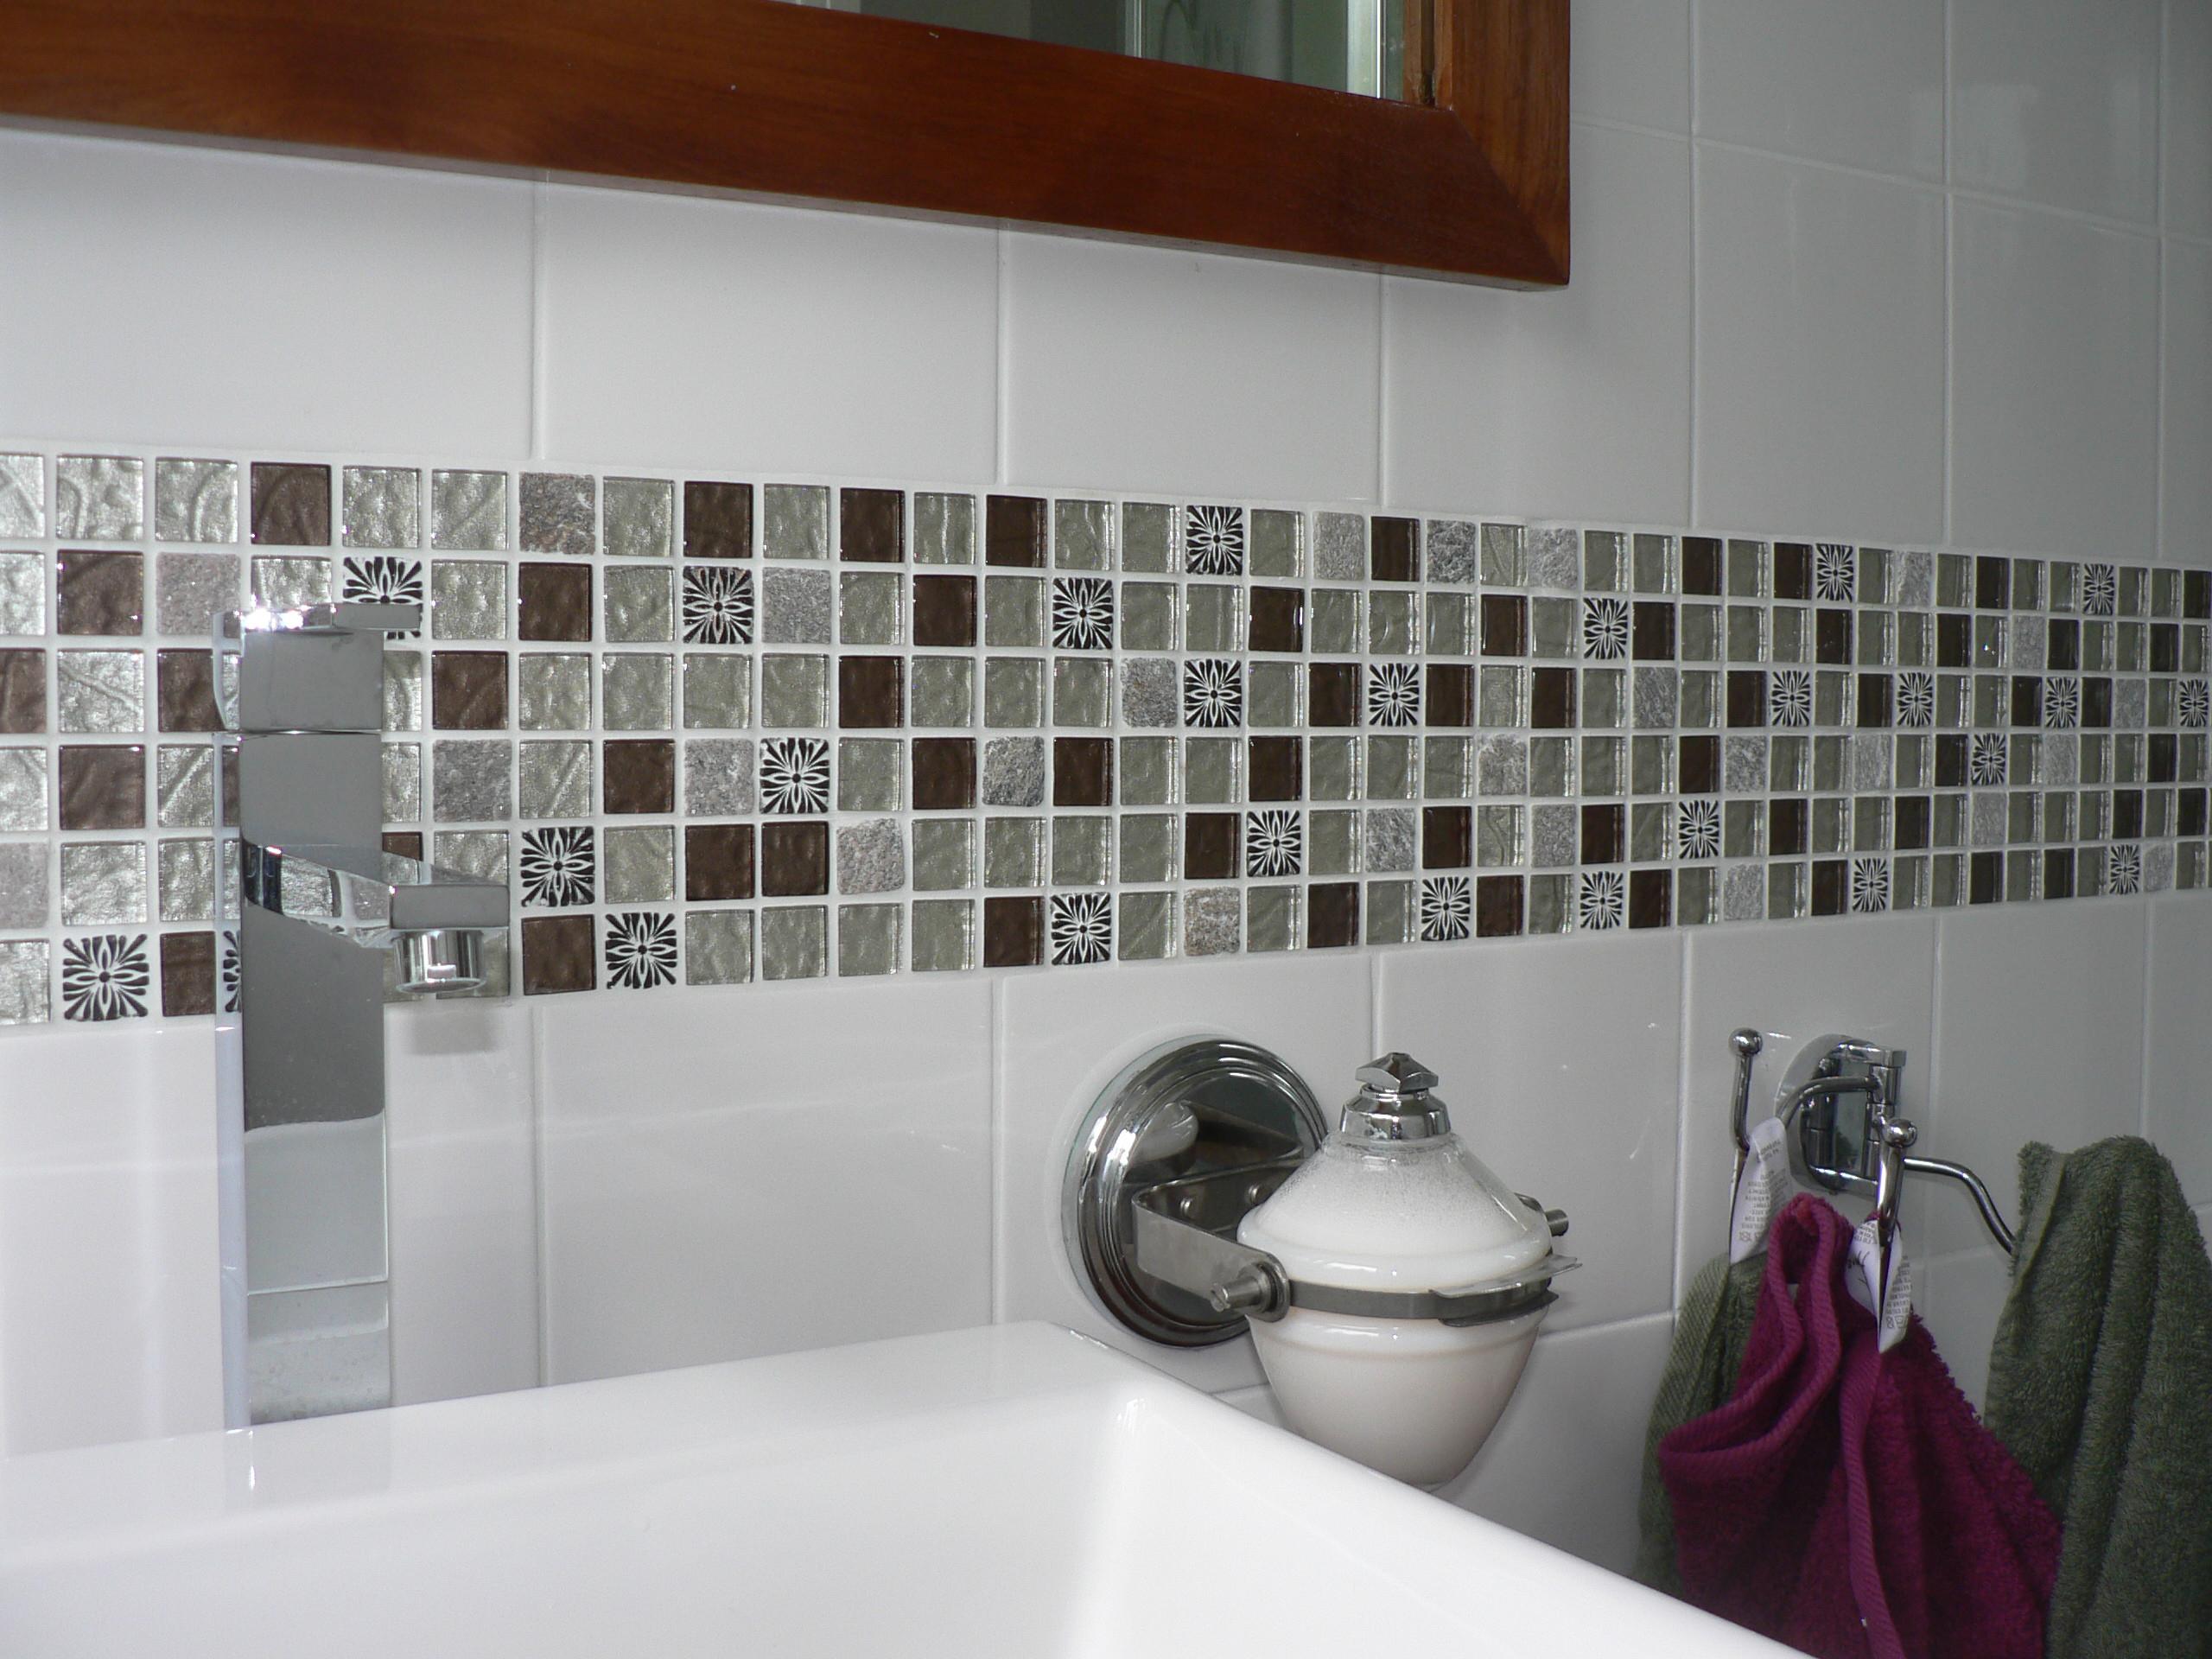 Carrelage Mosaique Castorama Impressionnant Collection Faience Salle De Bain Castorama Unique Carrelage Mural Ivoire Marbre